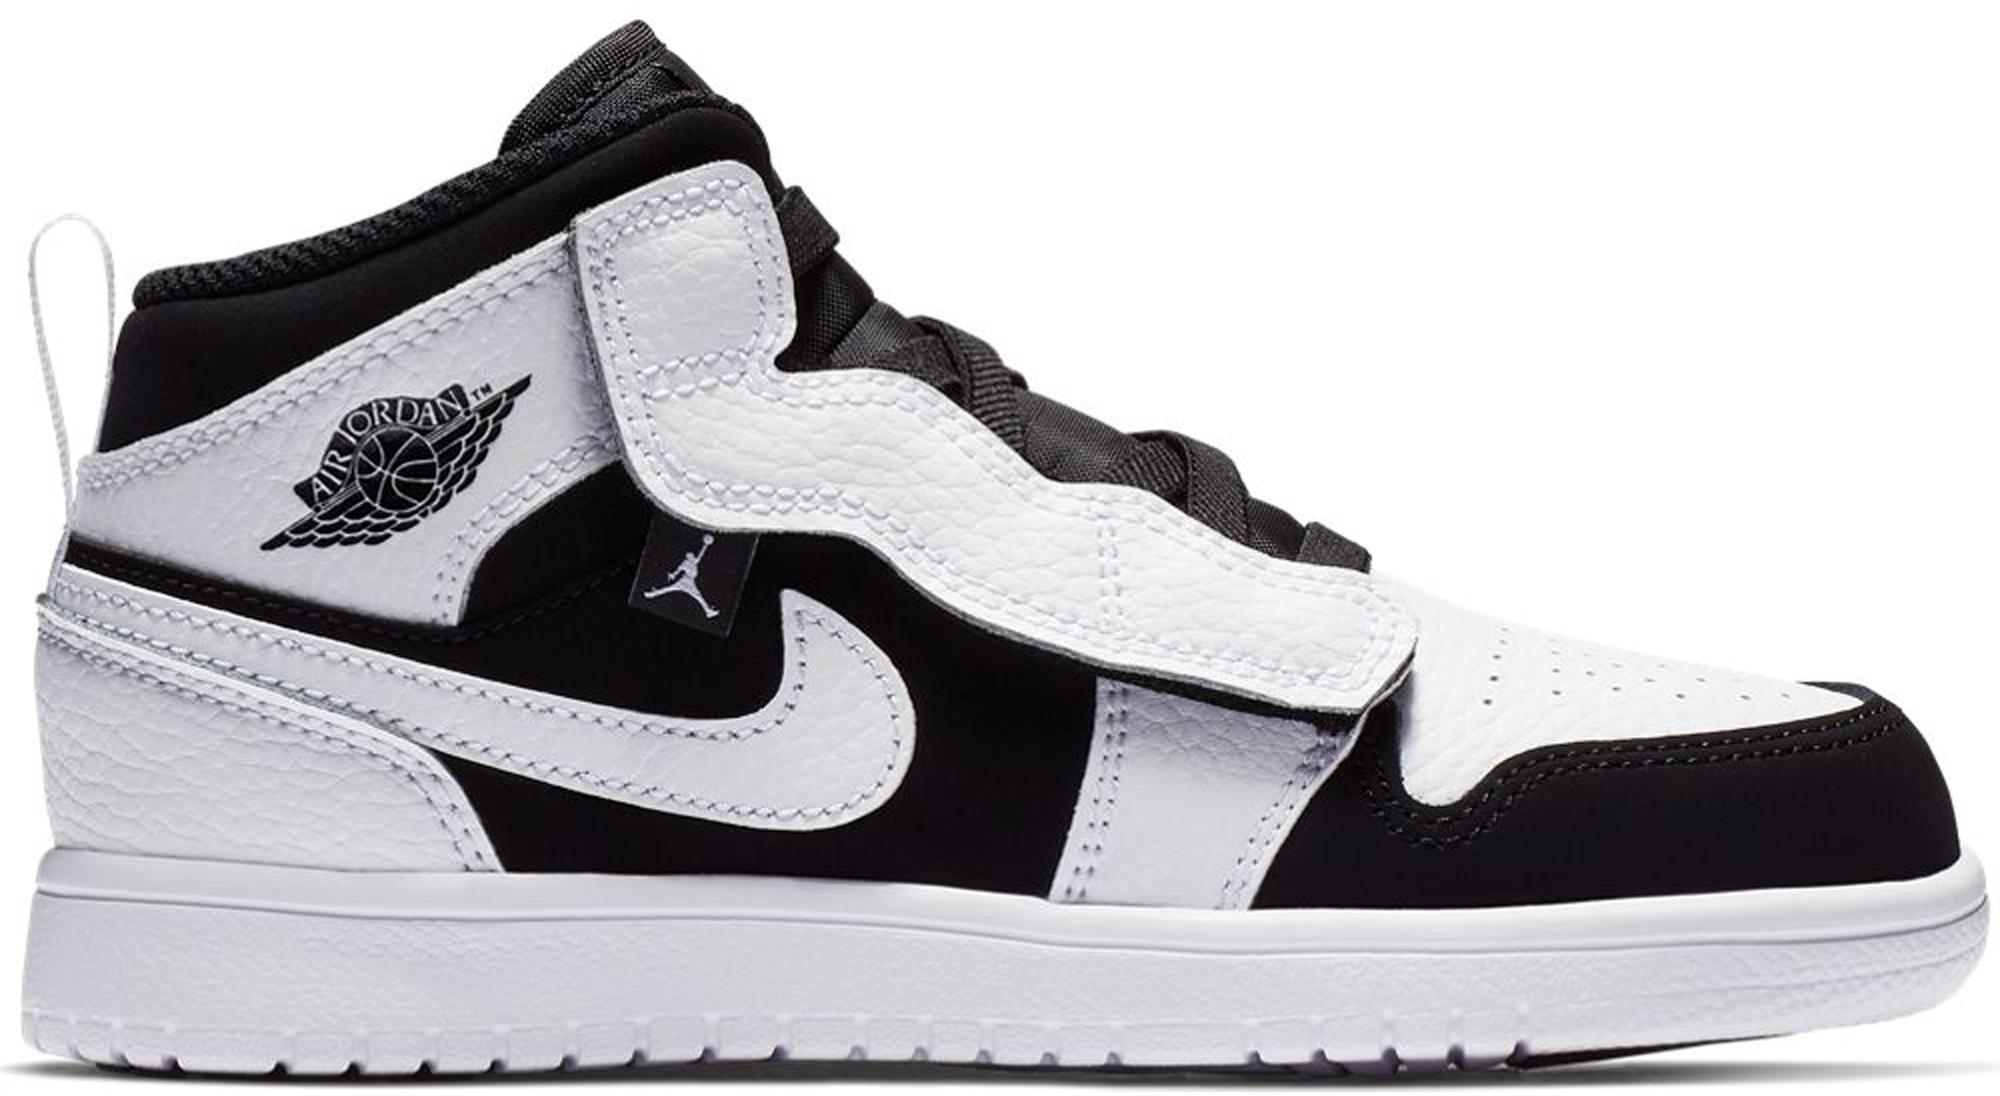 7dccc85d264e Lyst - Nike 1 Mid Alt White Black (ps) in Black for Men